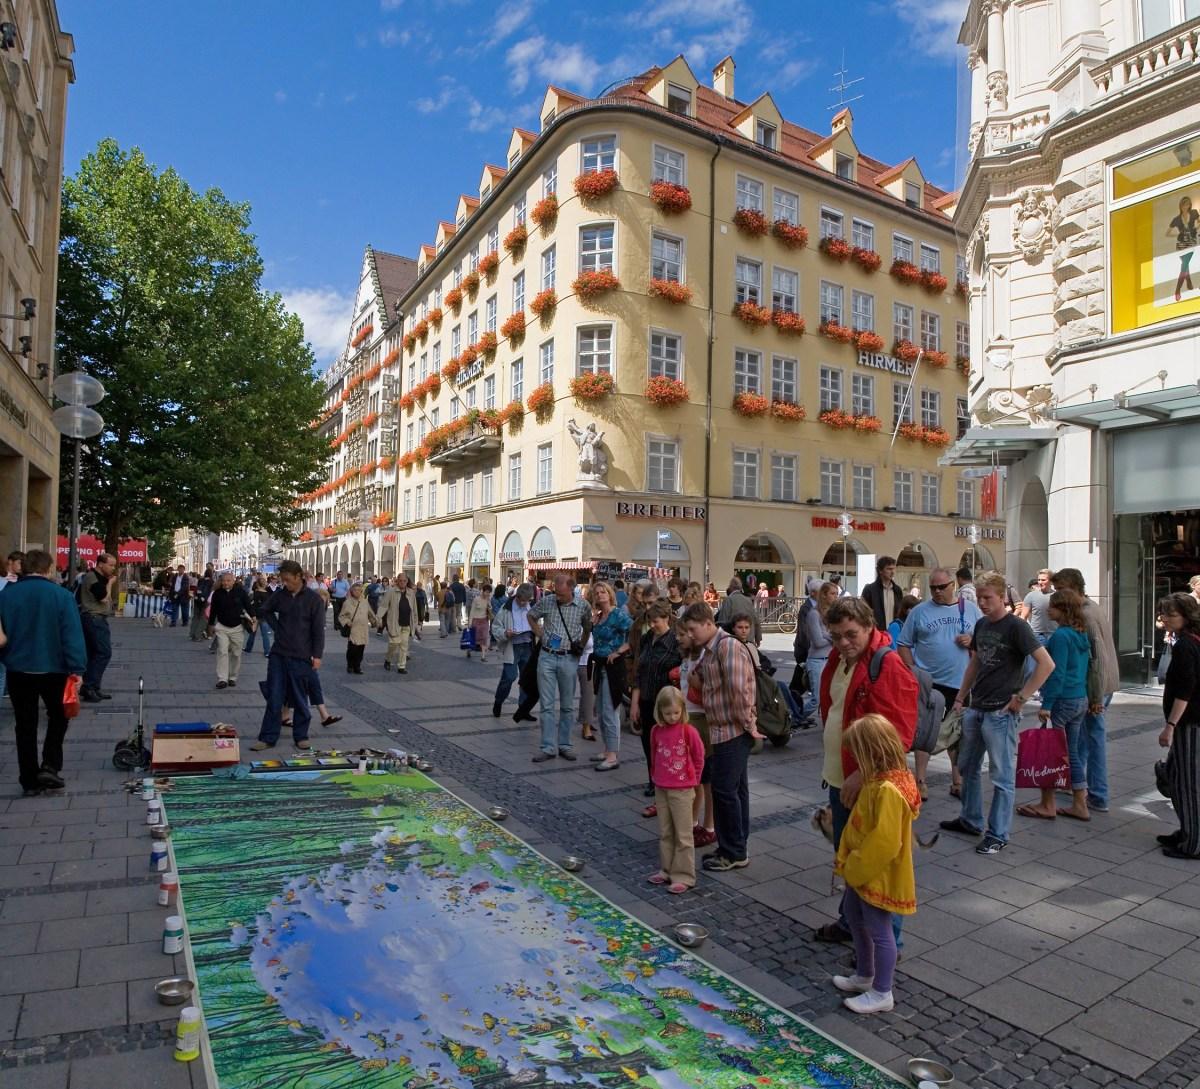 Munich_-_Kaufingerstraße_street_art_-_August_2006